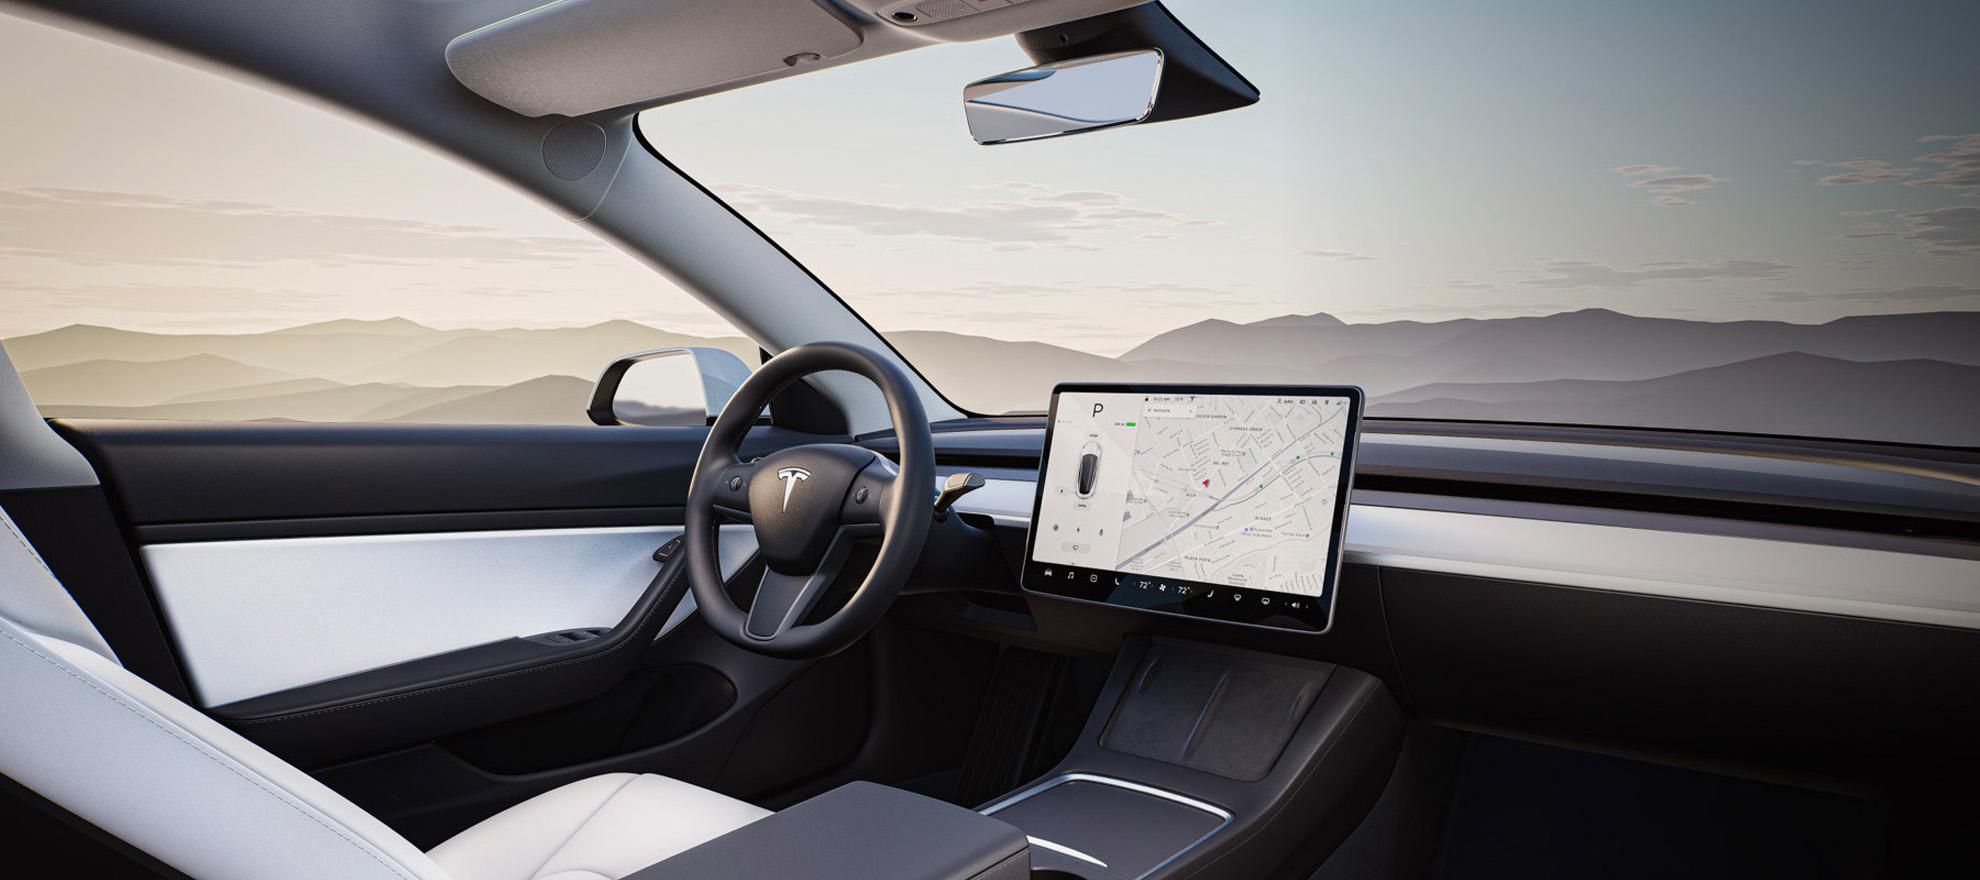 Ihr Tesla wird immer besser!